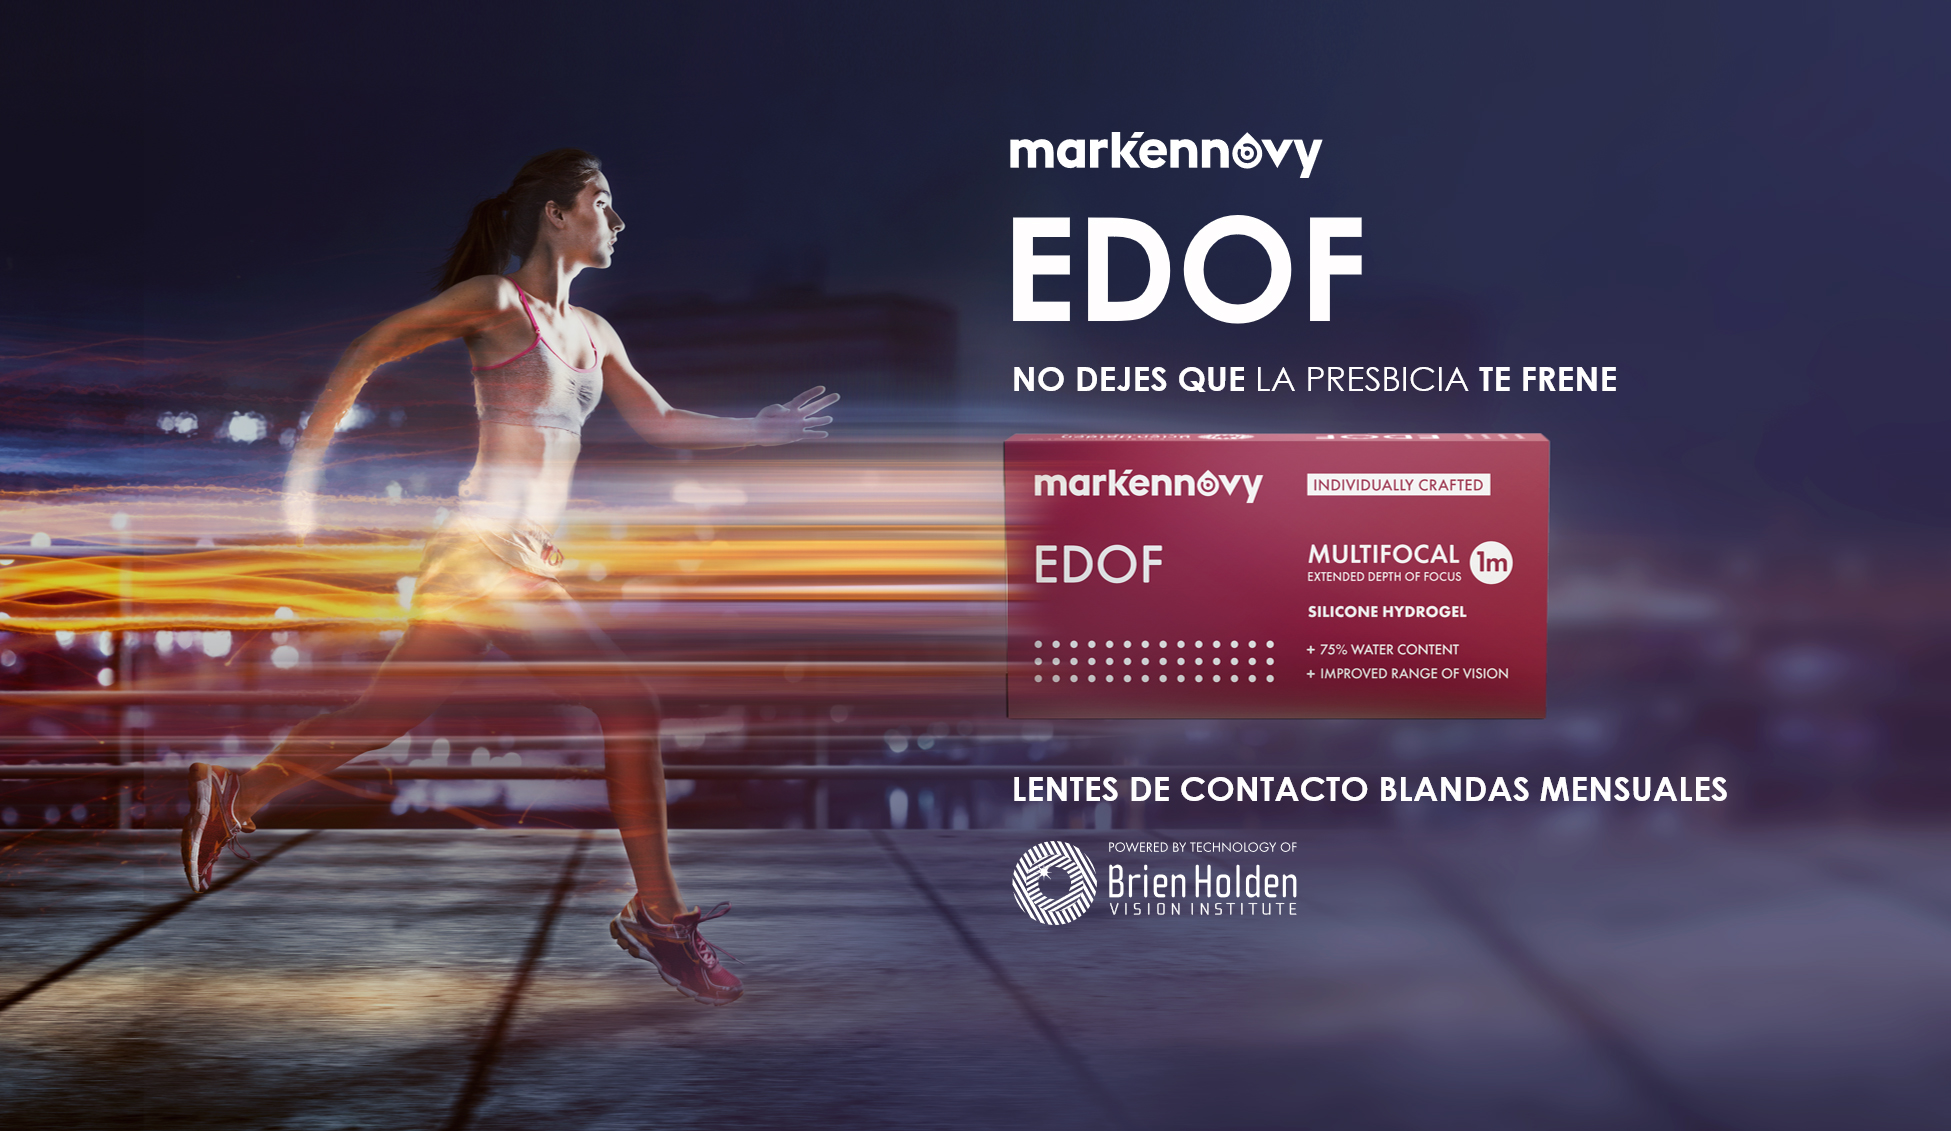 edof-imagen